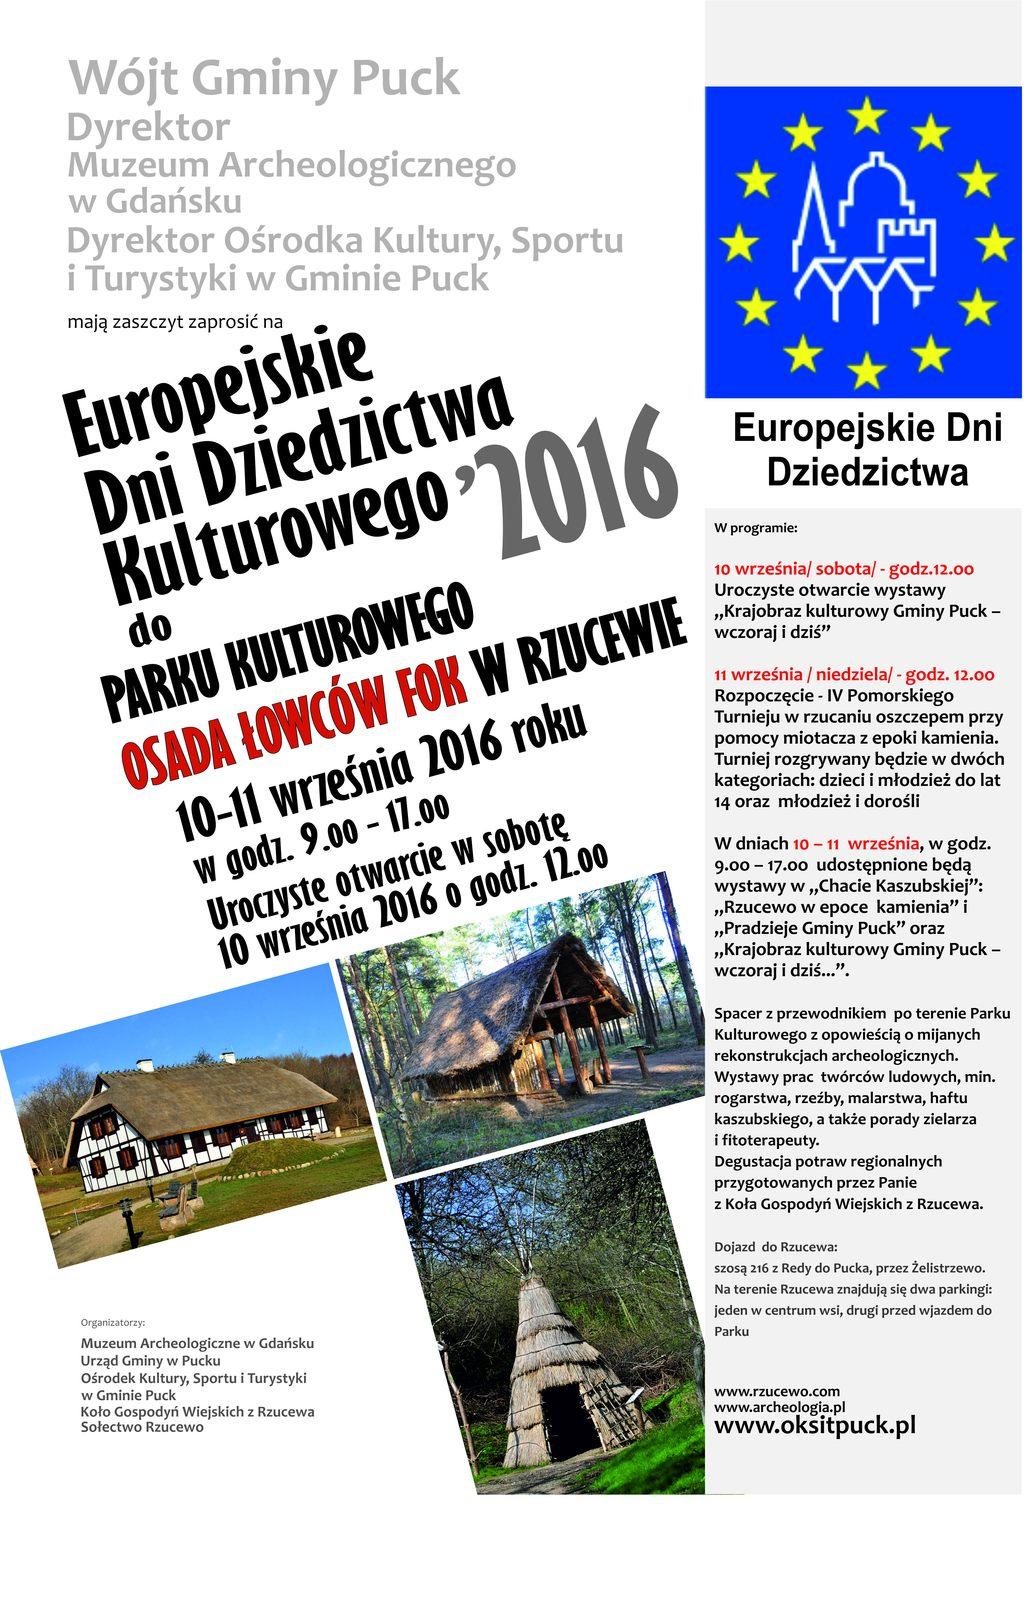 rzucewo_europejskie_dni_dziedzictwa-2016